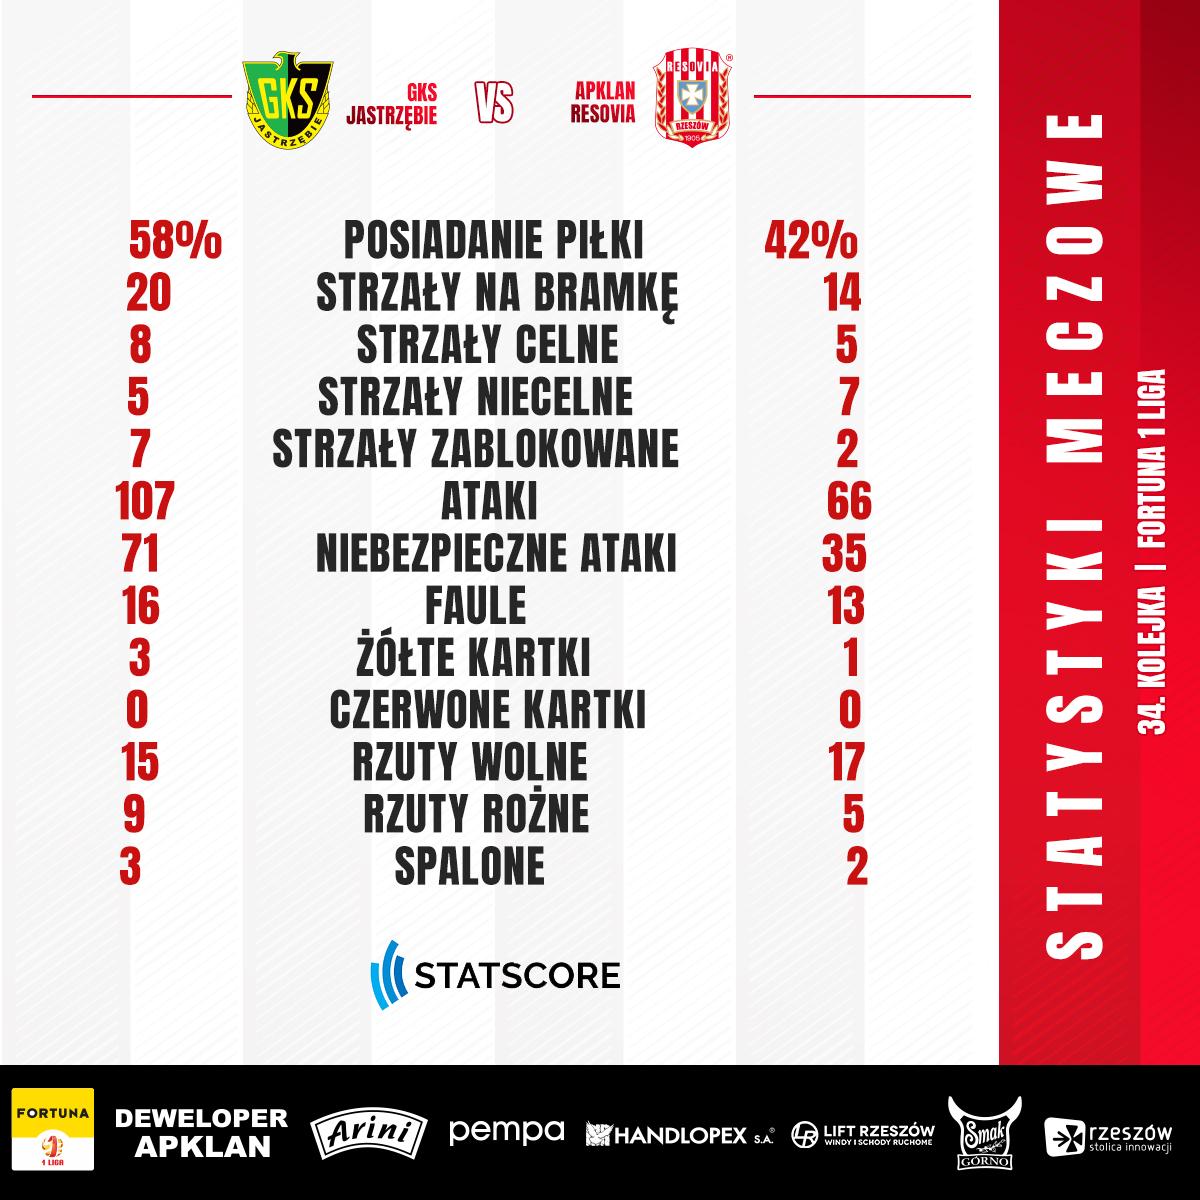 Statystyki po meczu #JASRES